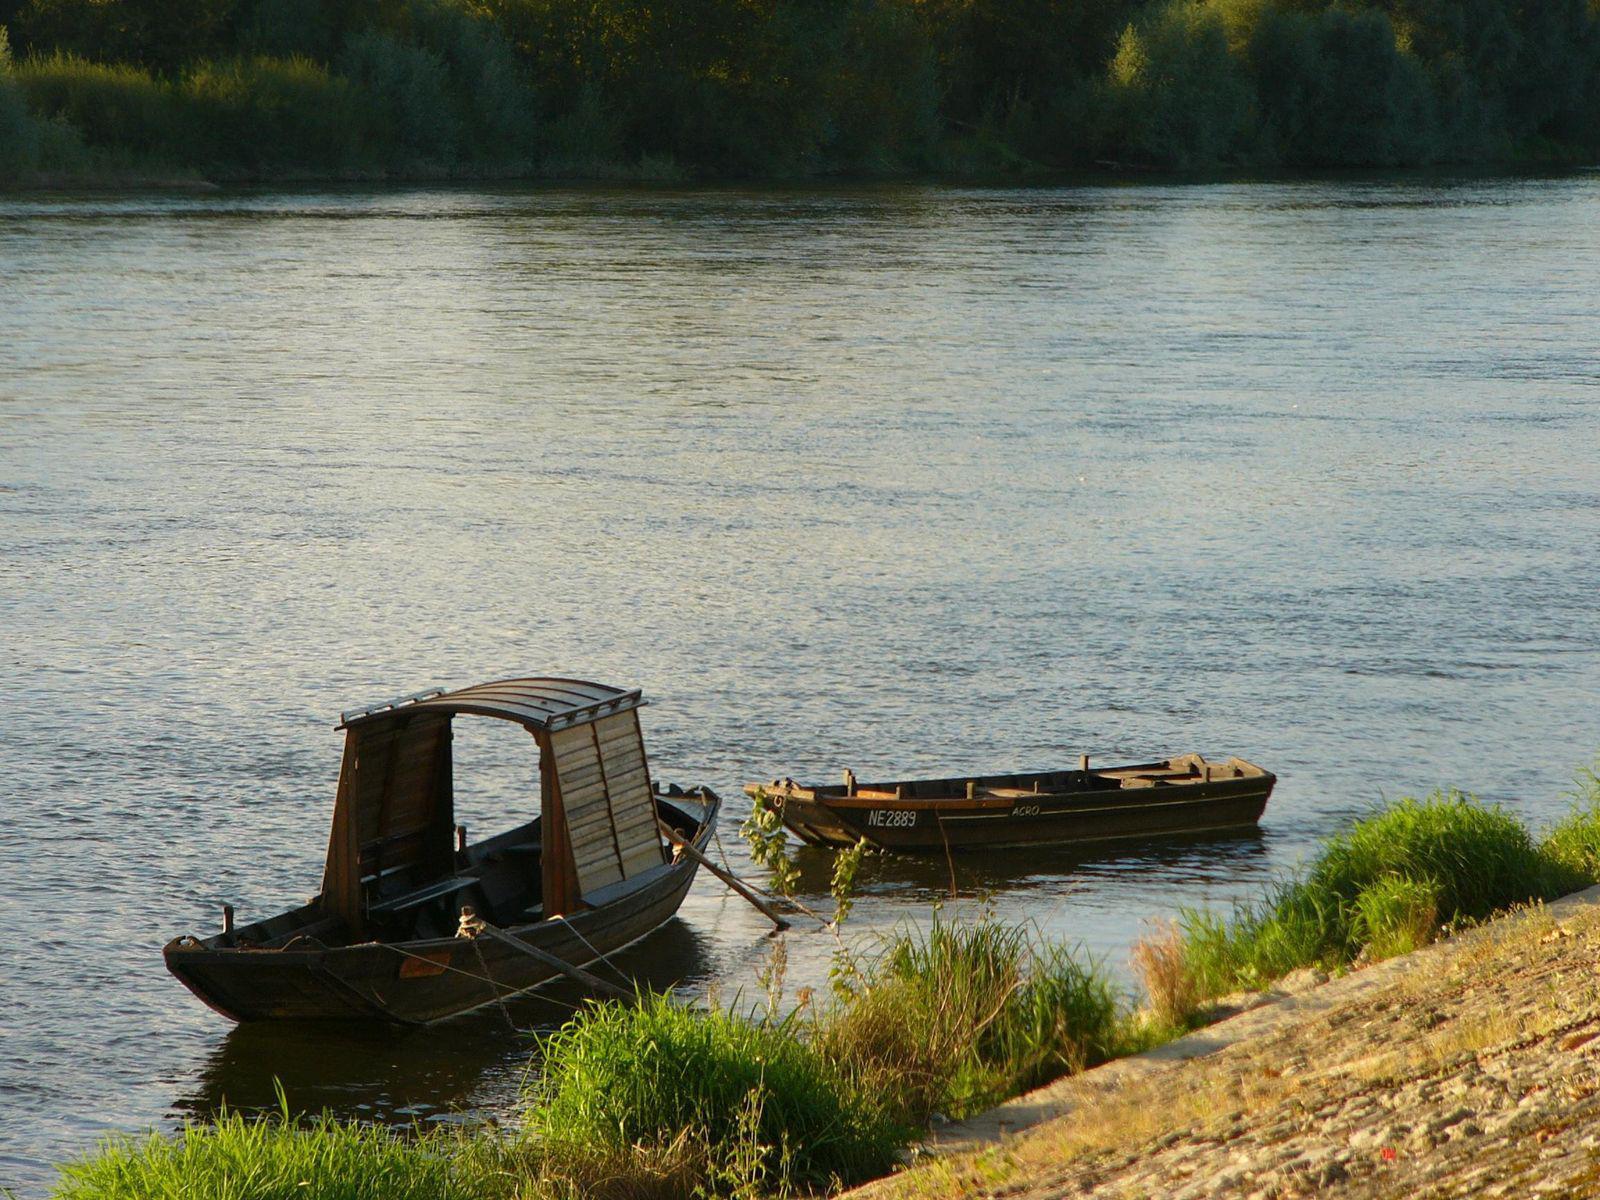 Cosne Cours sur Loire